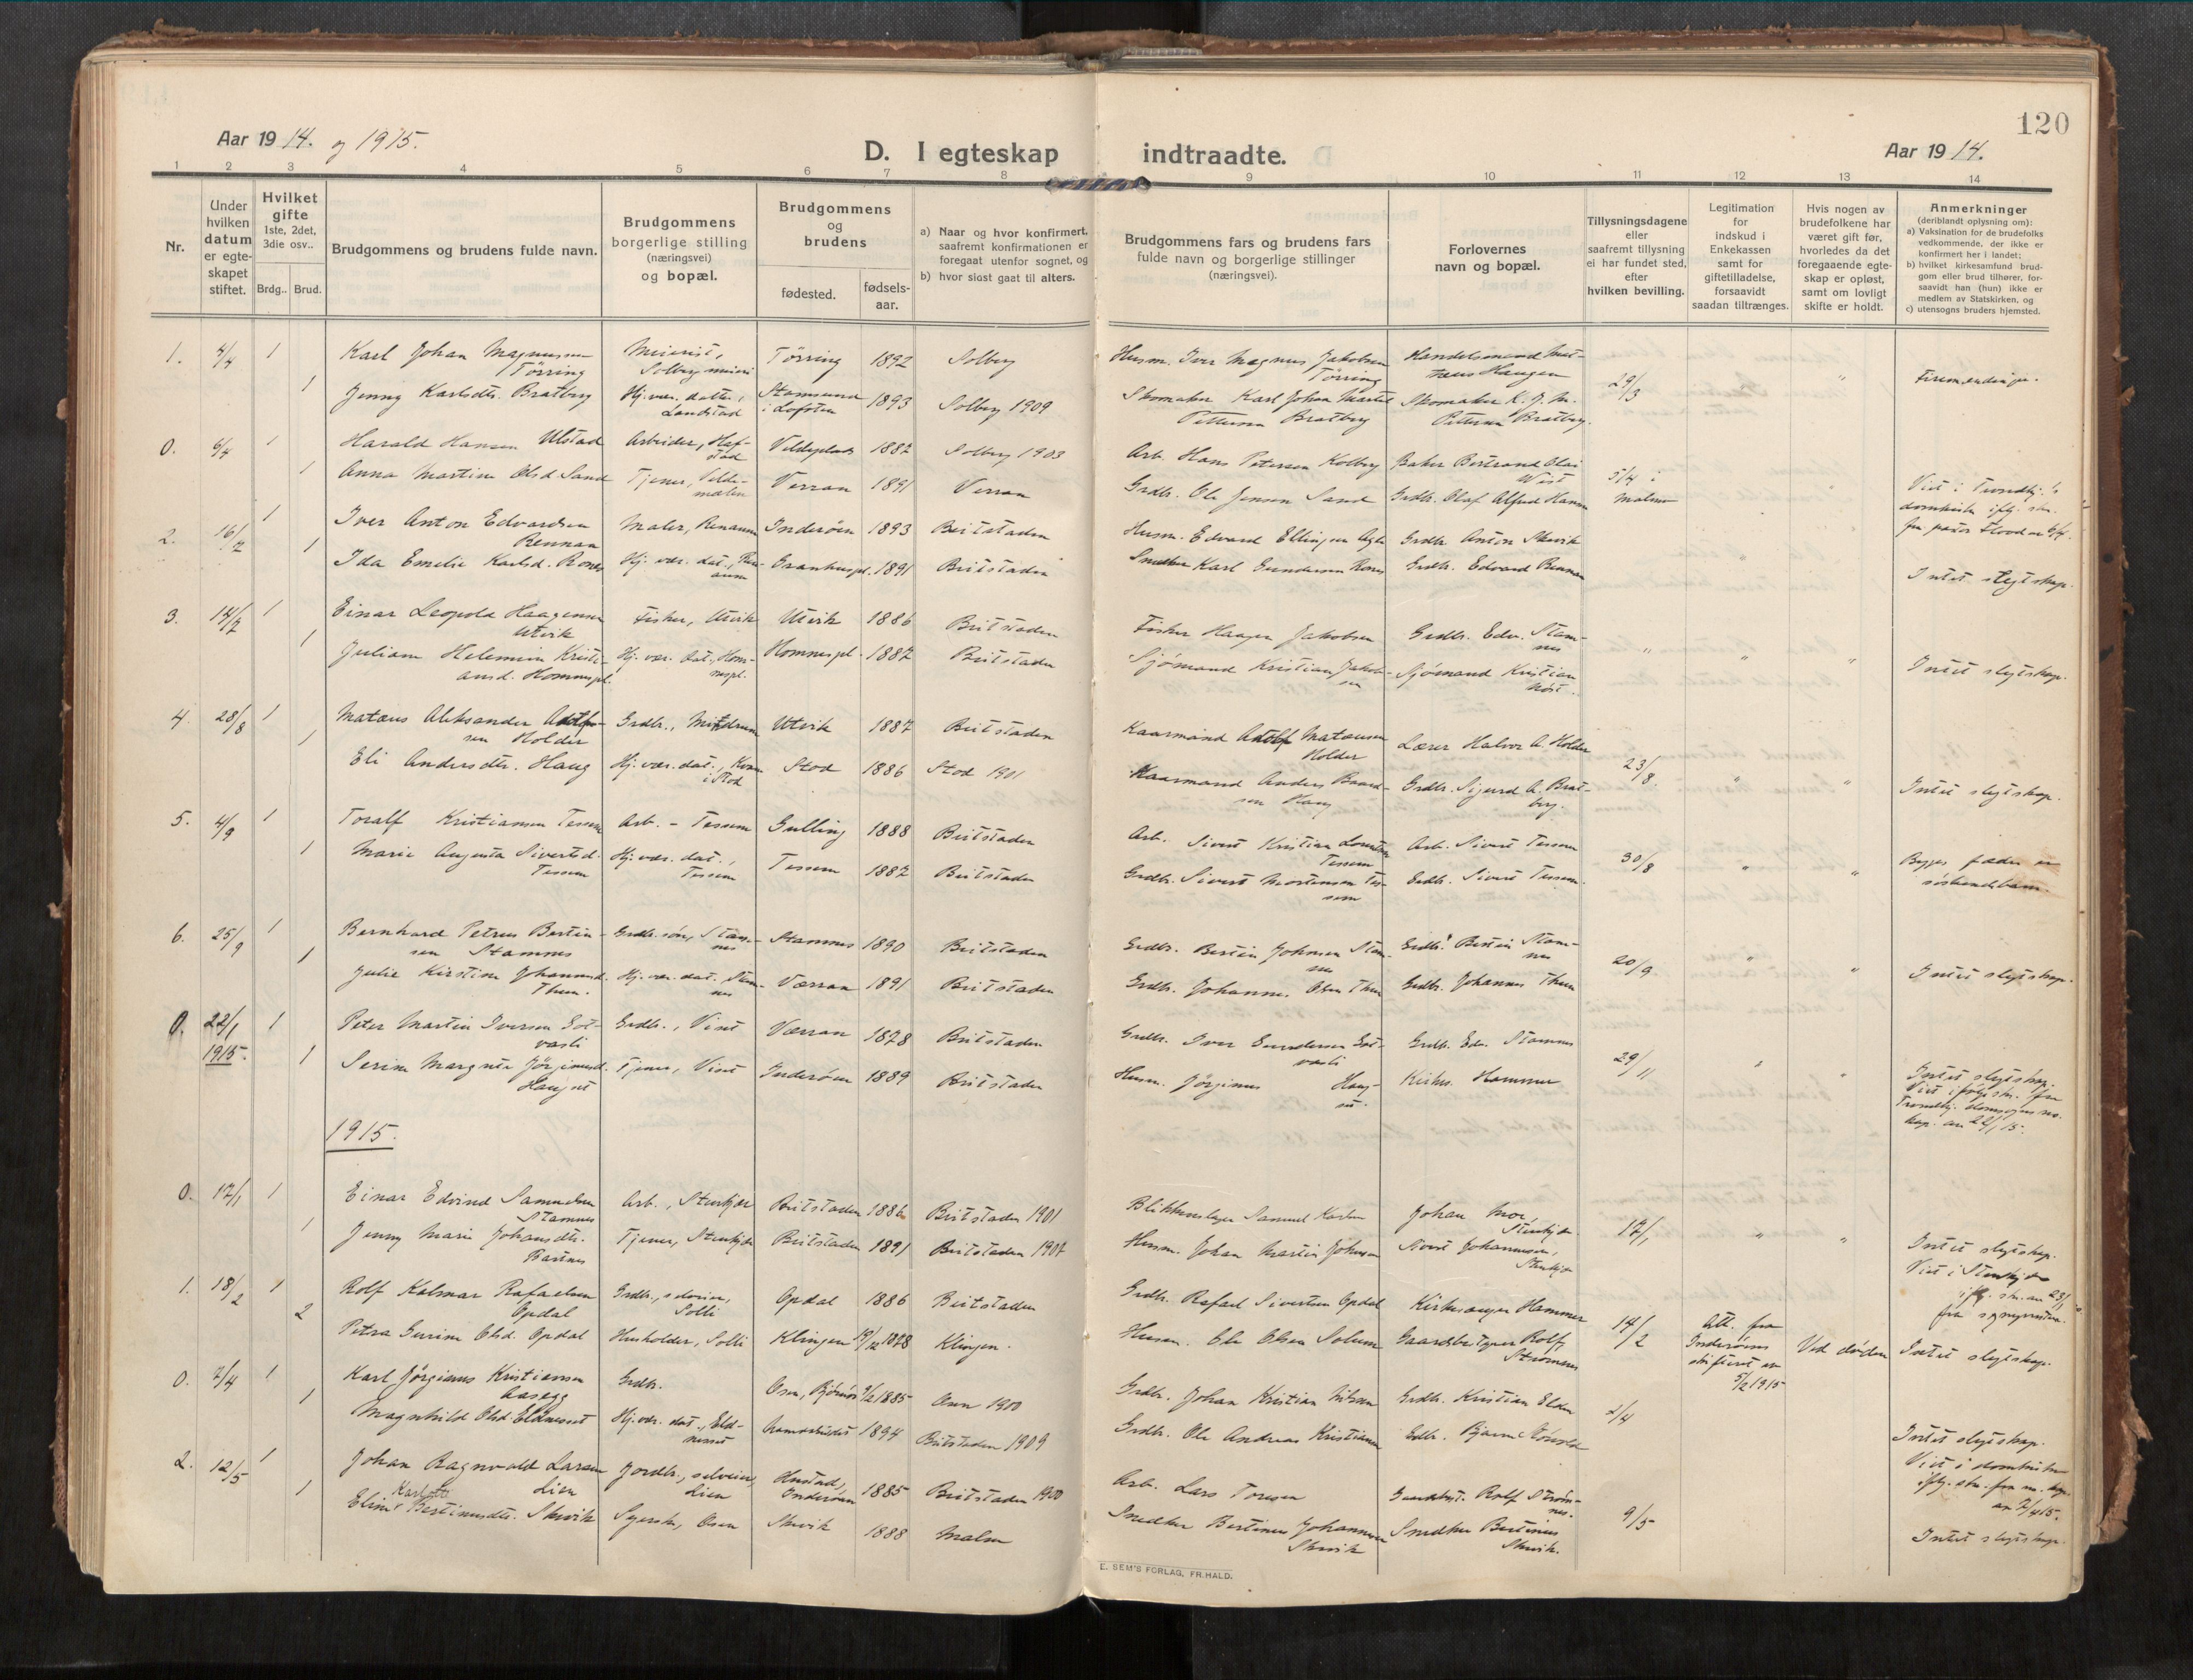 SAT, Beitstad sokneprestkontor, I/I1/I1a/L0001: Parish register (official) no. 1, 1912-1927, p. 120